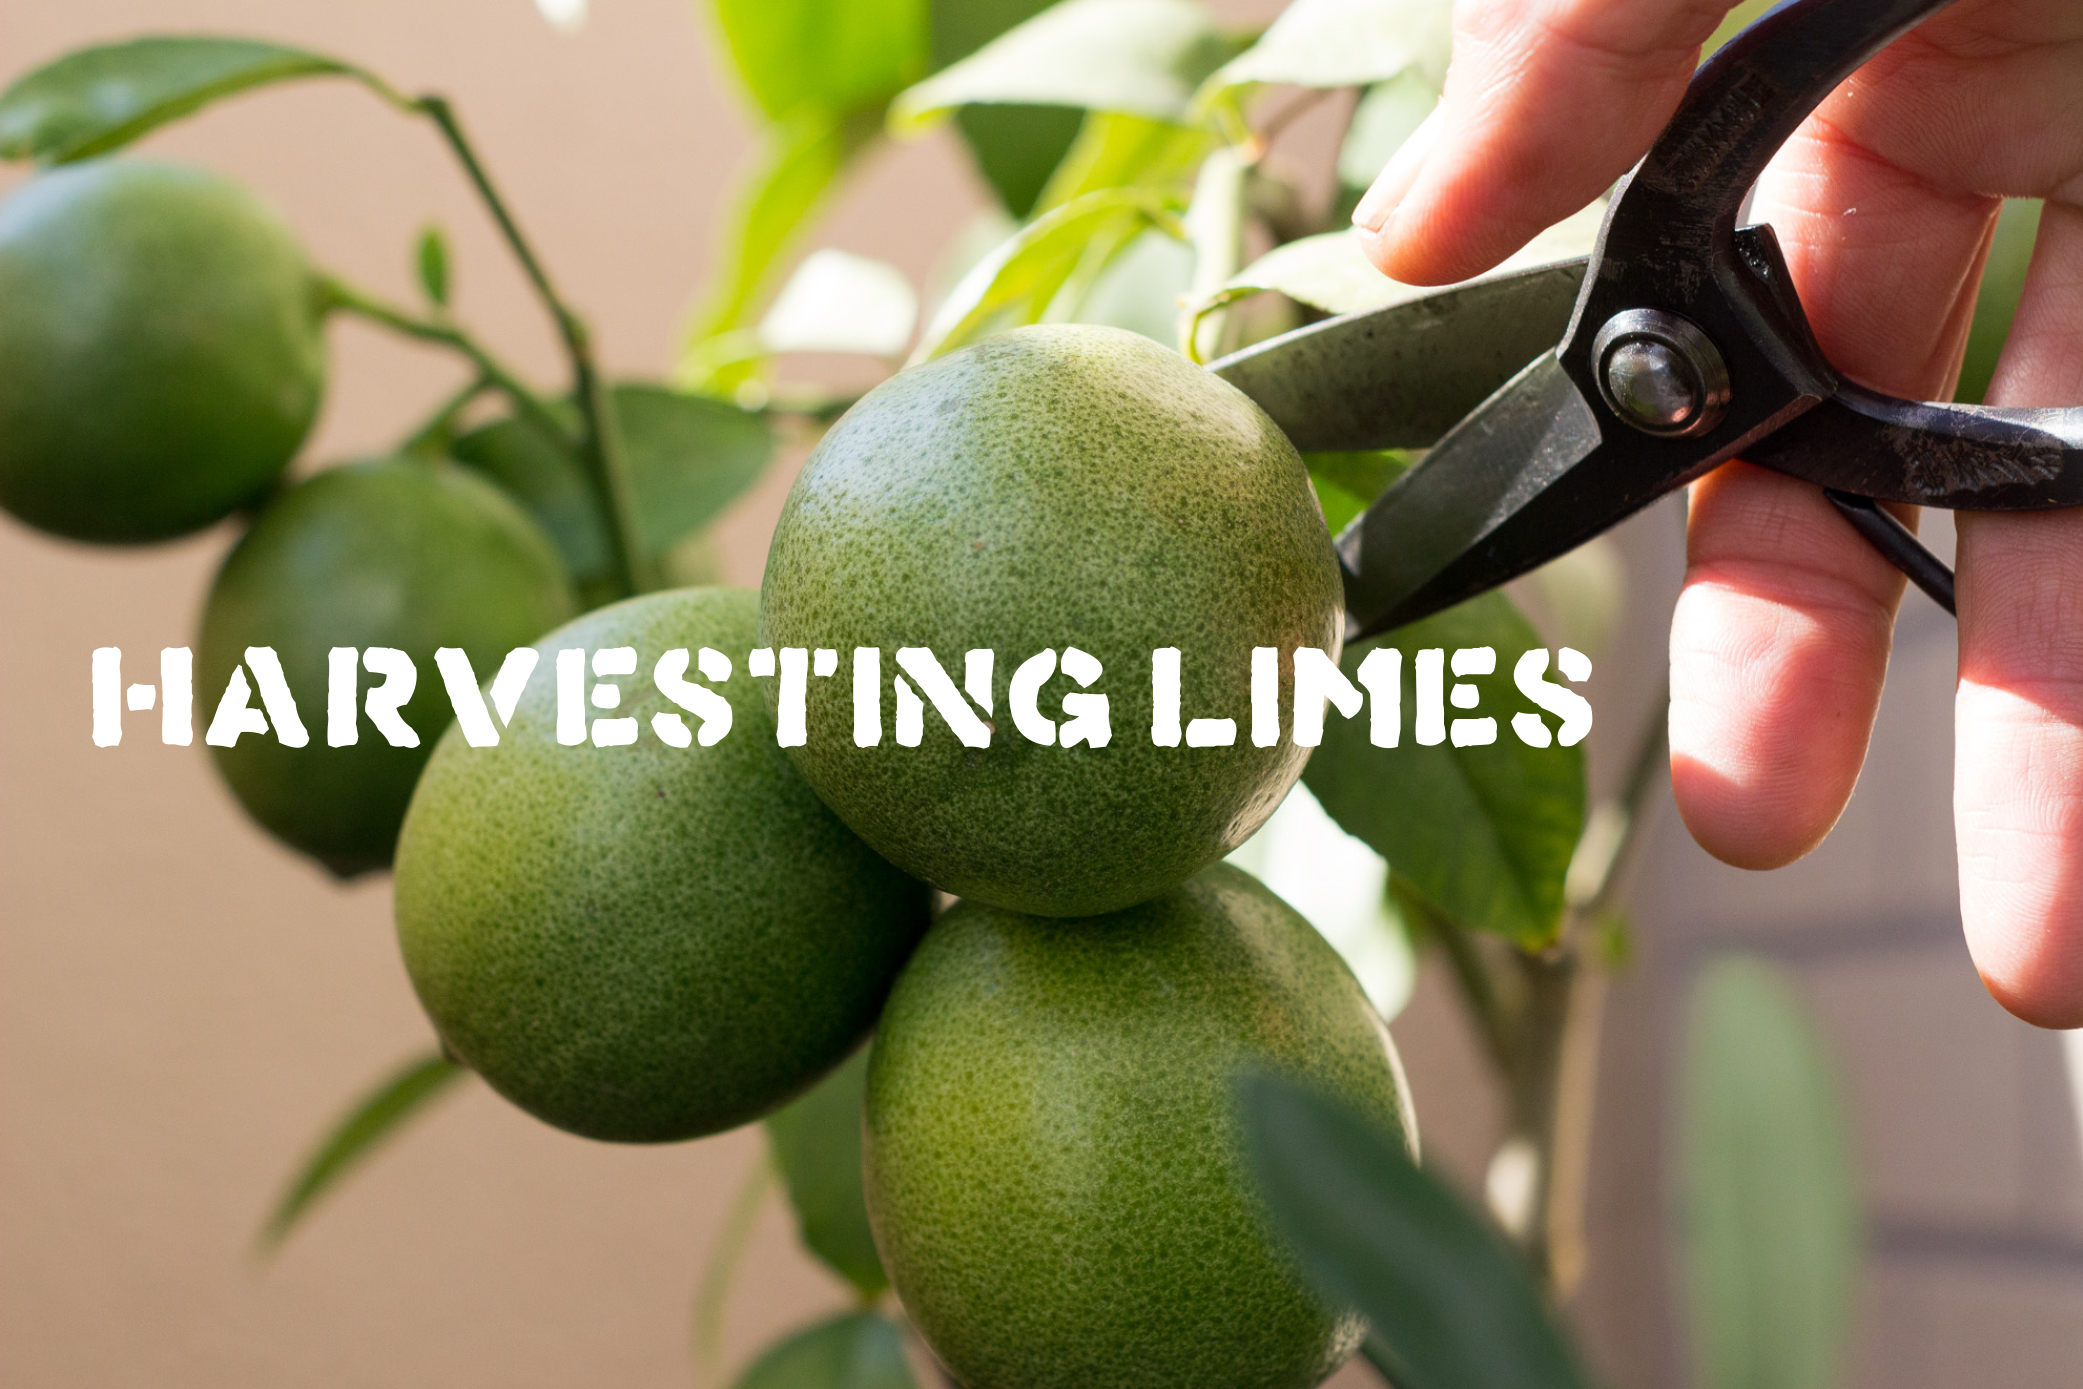 ベランダで栽培してる鉢植えライムの実を収穫